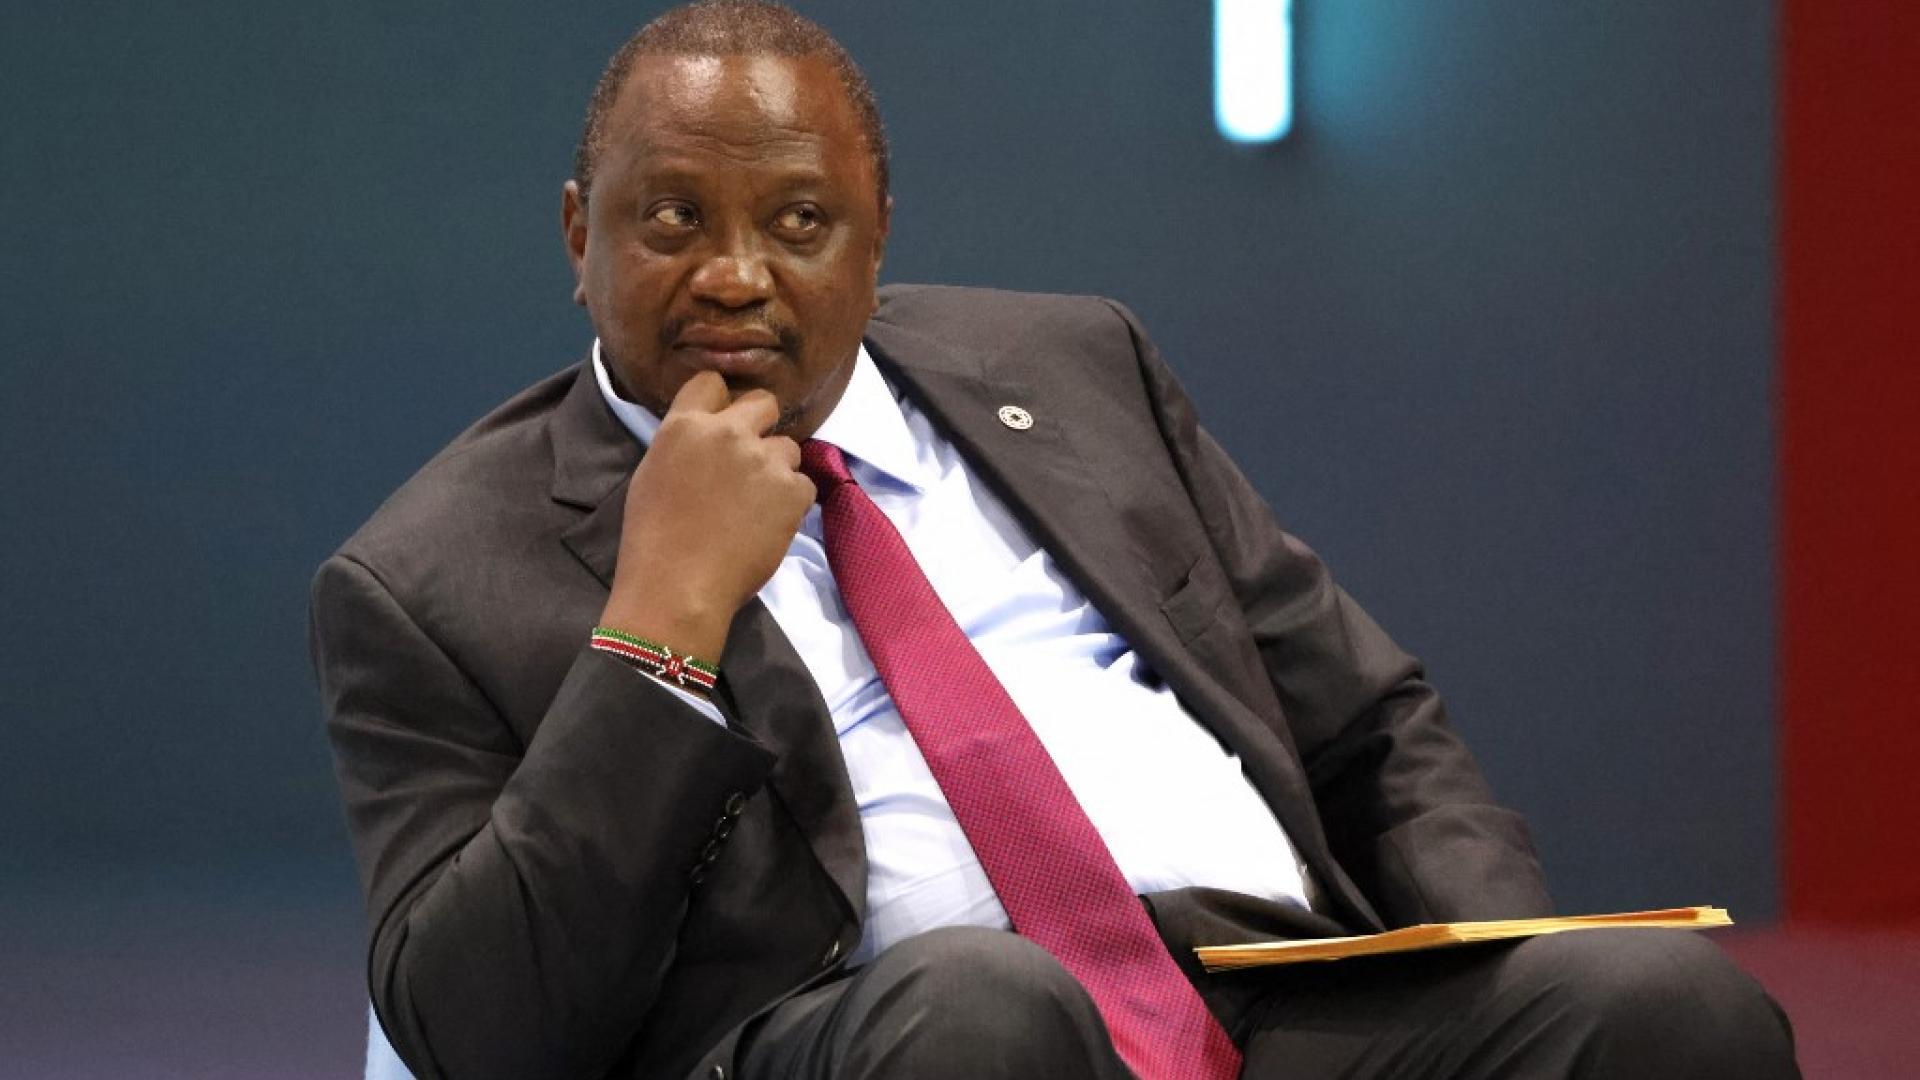 Uhuru Kenyatta Fact checking Kenyan president's claims about his ...